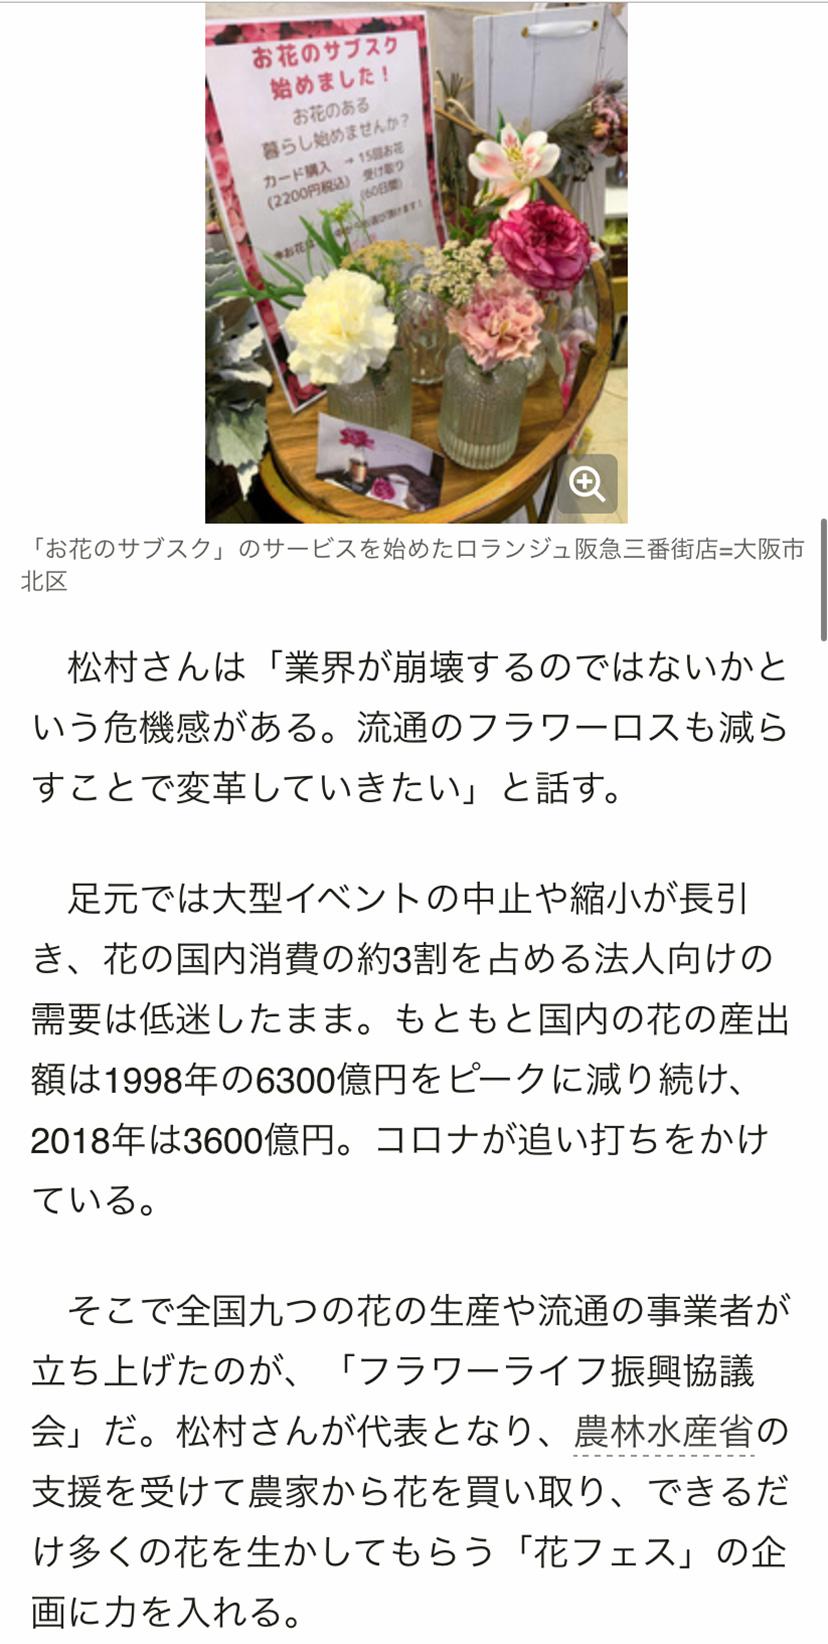 20201114_asahi_フラワーロス5